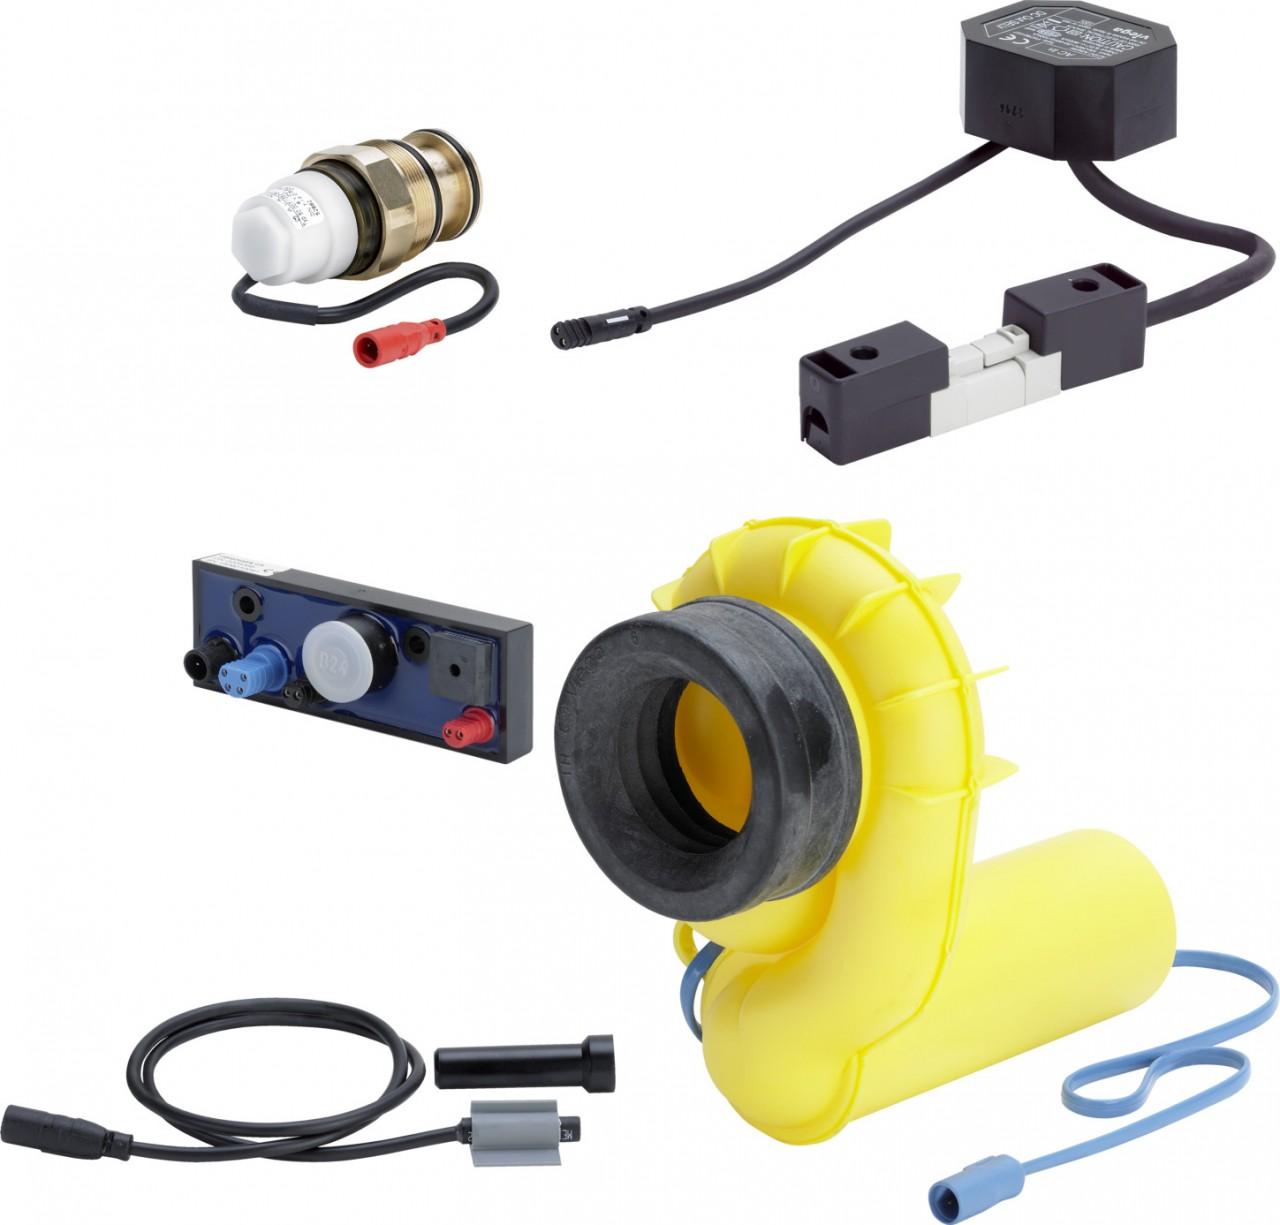 Ausstattungsset 8352.2, Siphon-Sensortechnik 727925